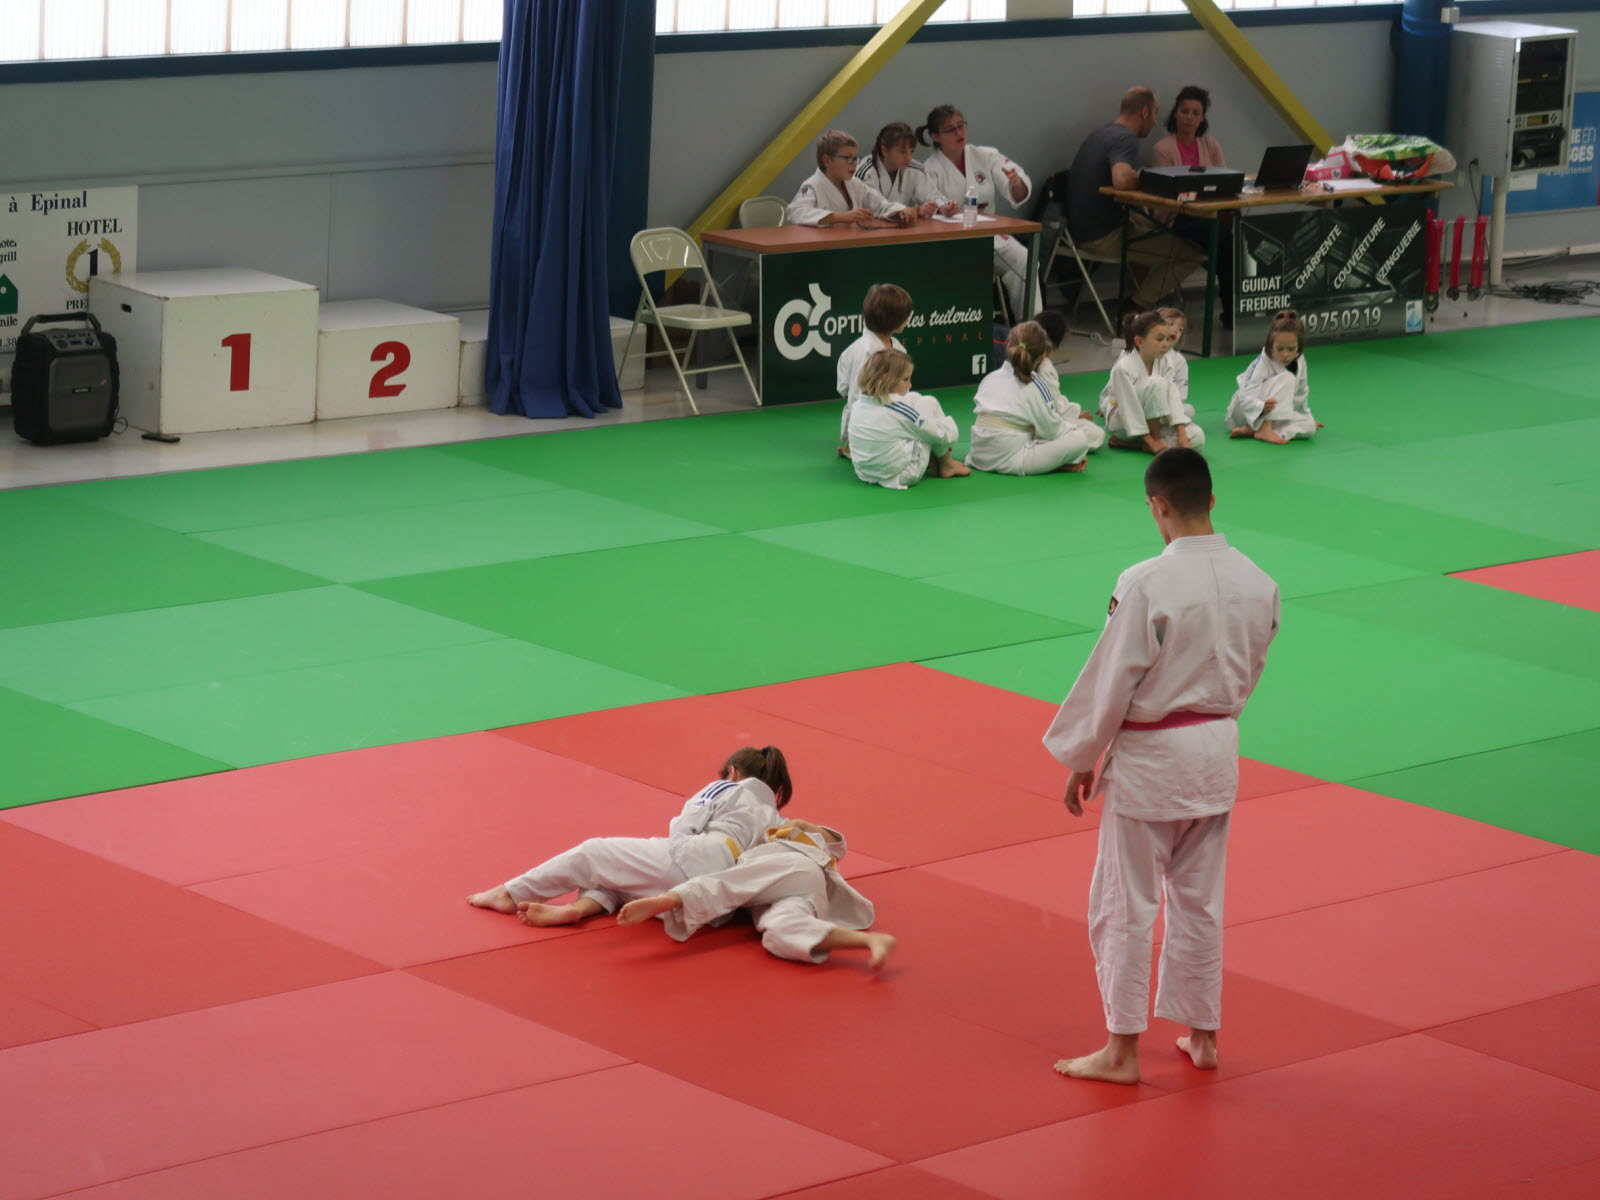 judokas veulent mettre le cancer au tapis